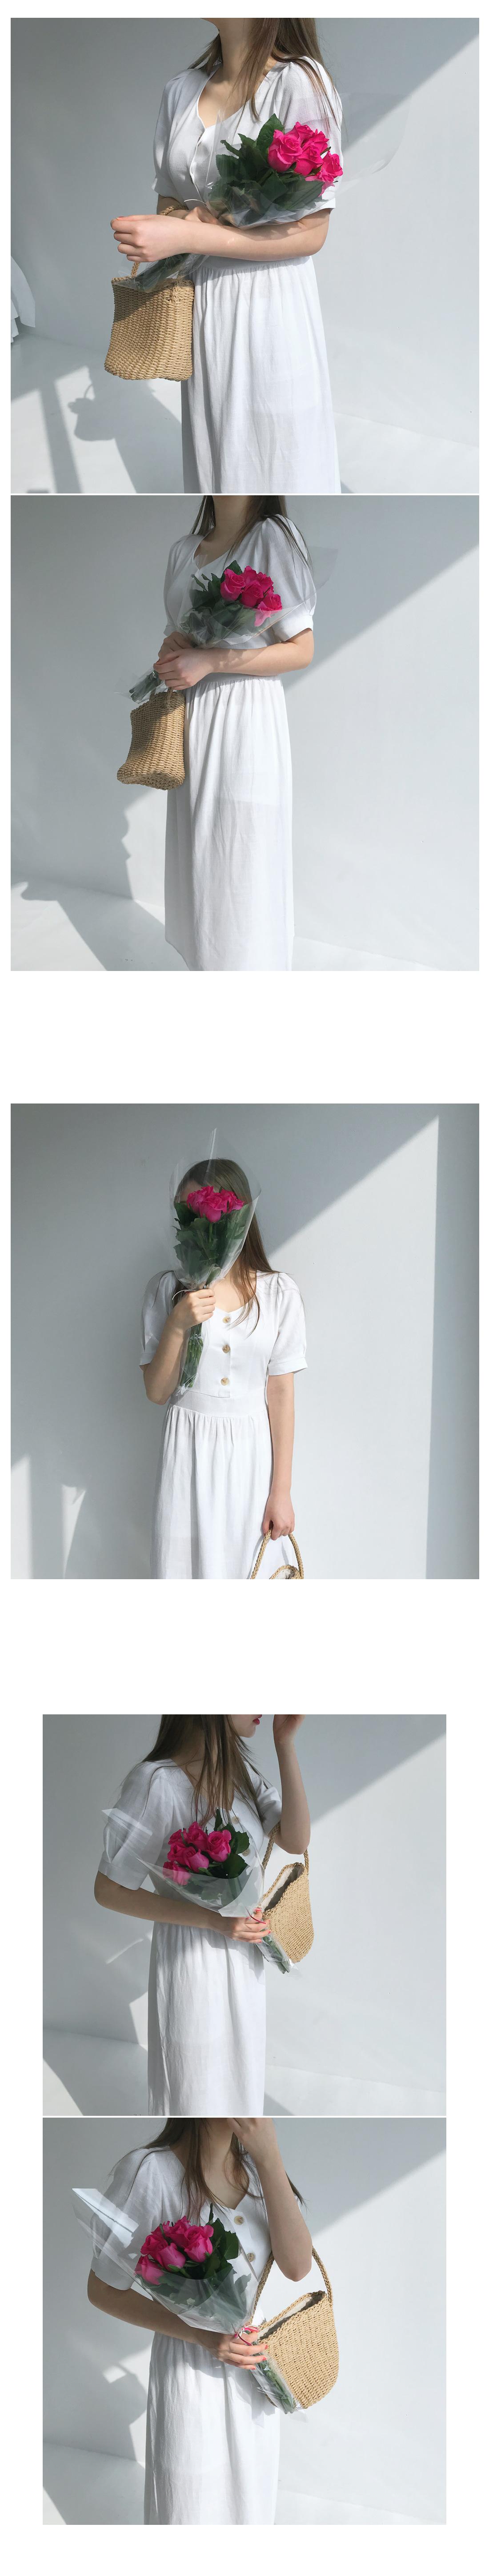 Gully linen long dress